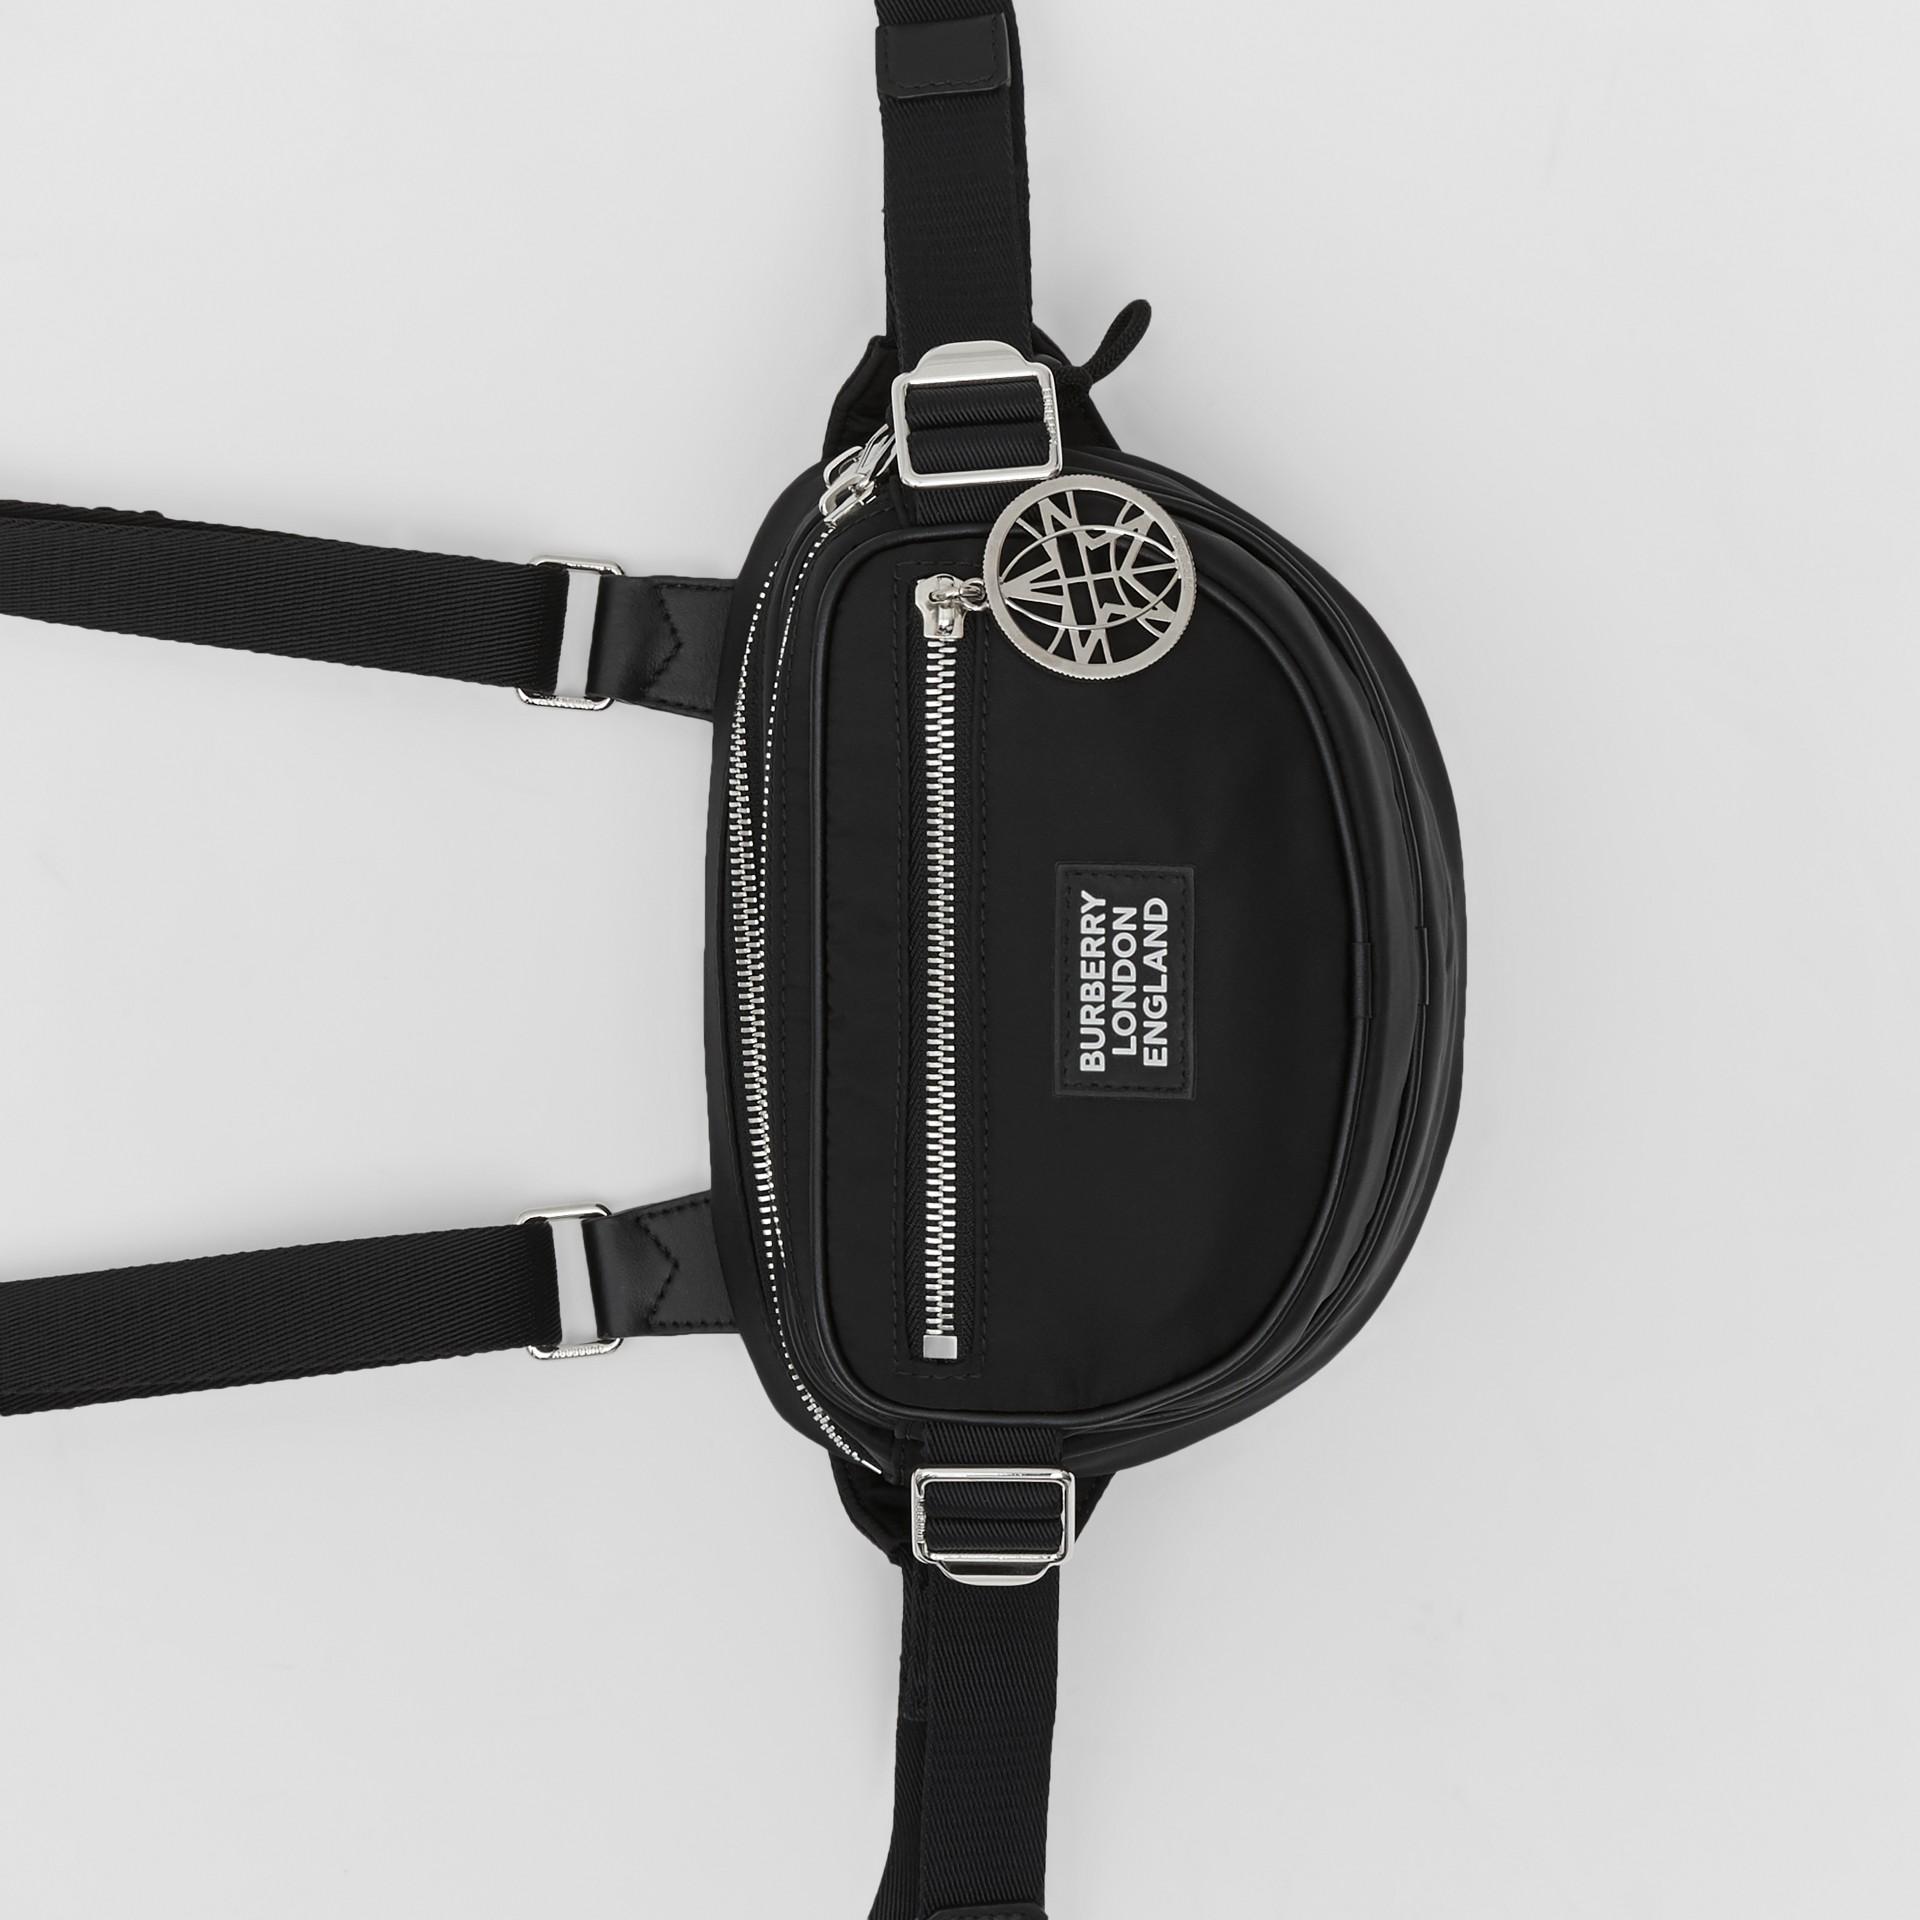 ロゴアップリケ ECONYL® キャノン ベルトパック (ブラック) | バーバリー - ギャラリーイメージ 4